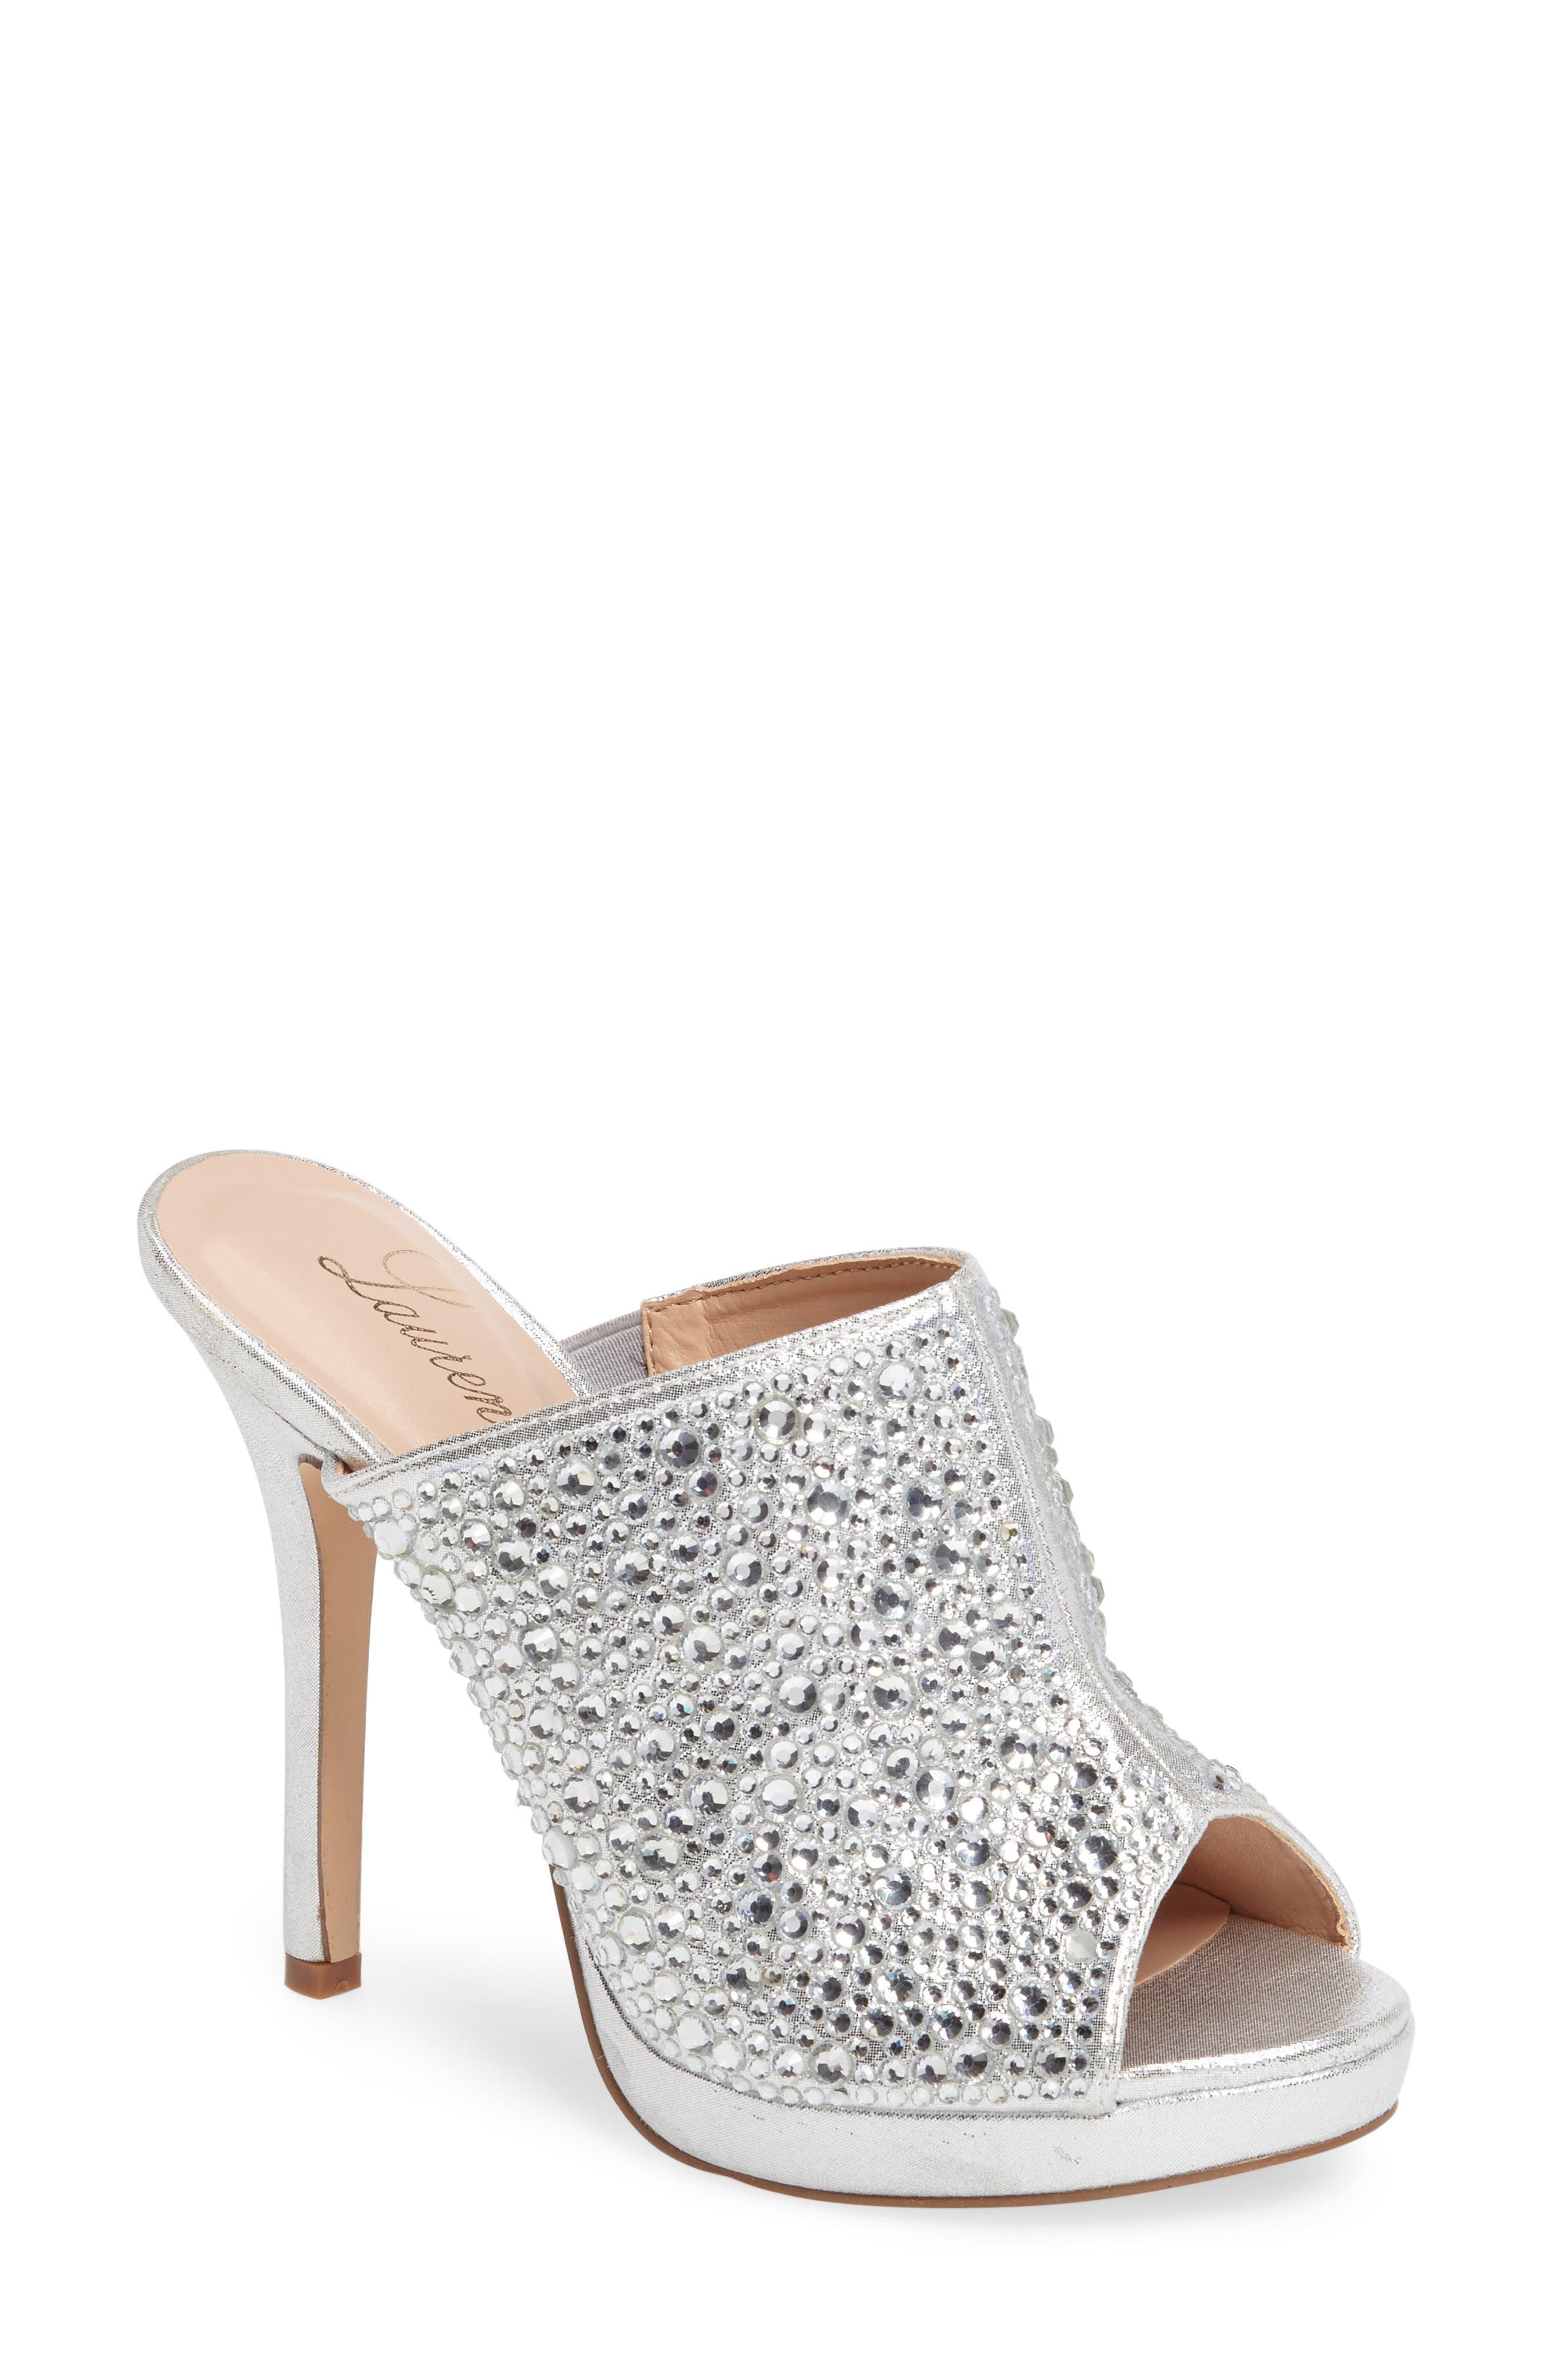 Mimi Embellished Slide Sandal,                         Main,                         color, Silver